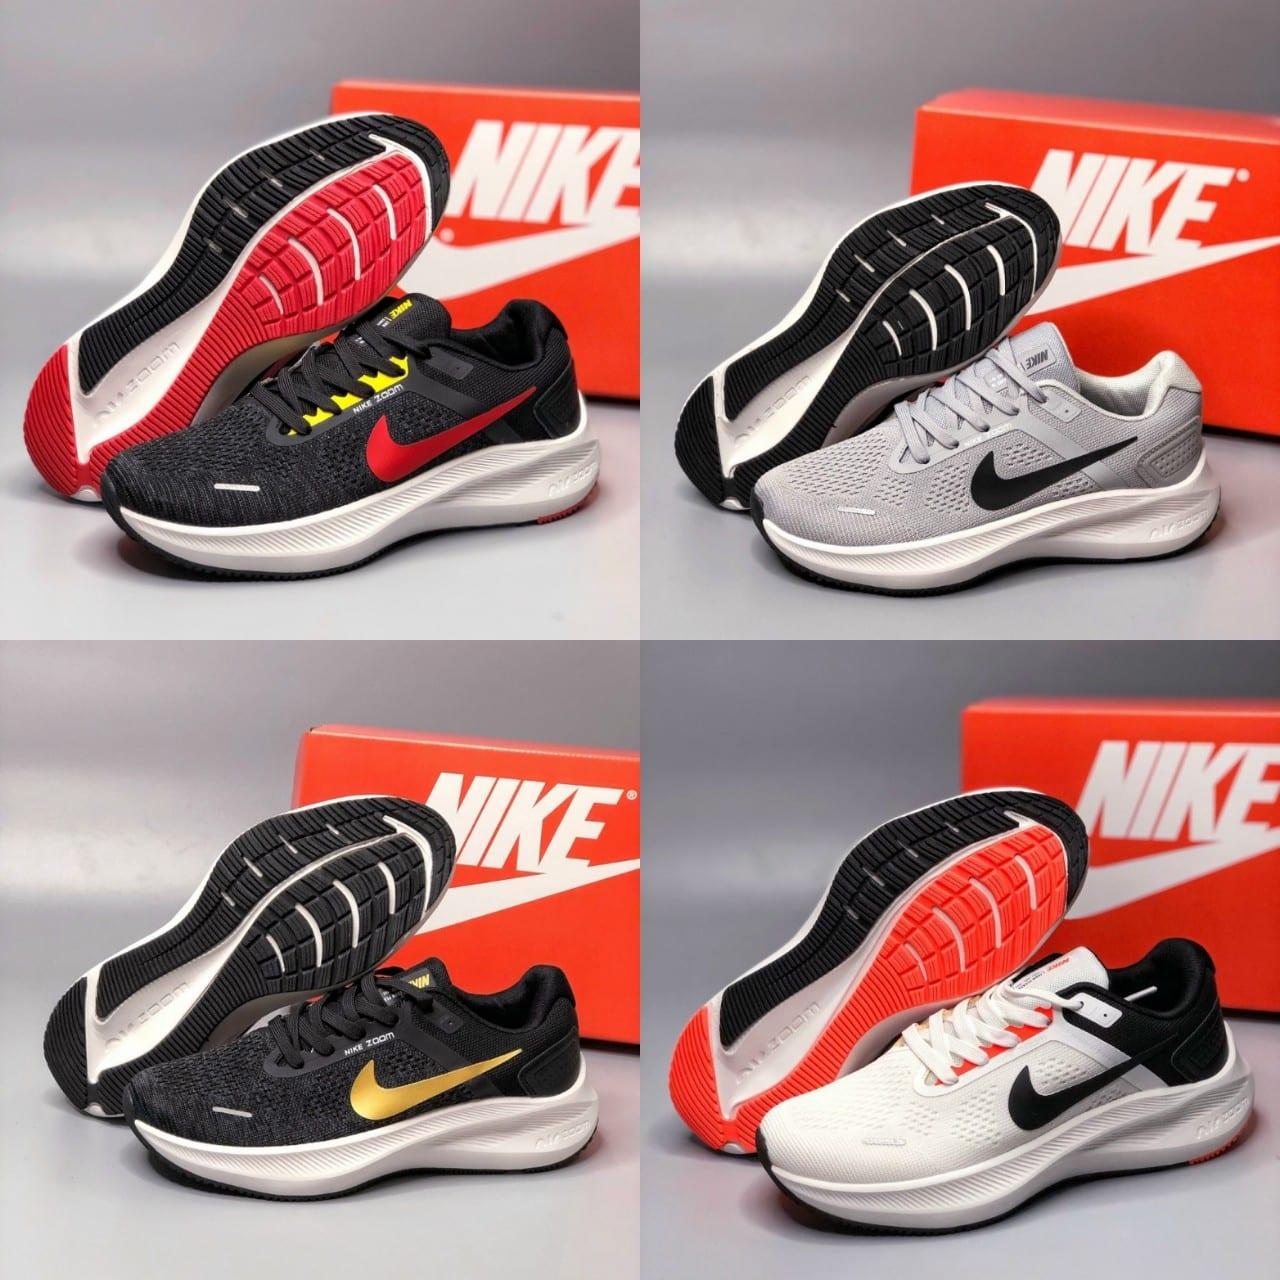 1 SỈ giày thể thao Nike Zoom A111 nam giá rẻ - Nguồn sỉ giày tphcm